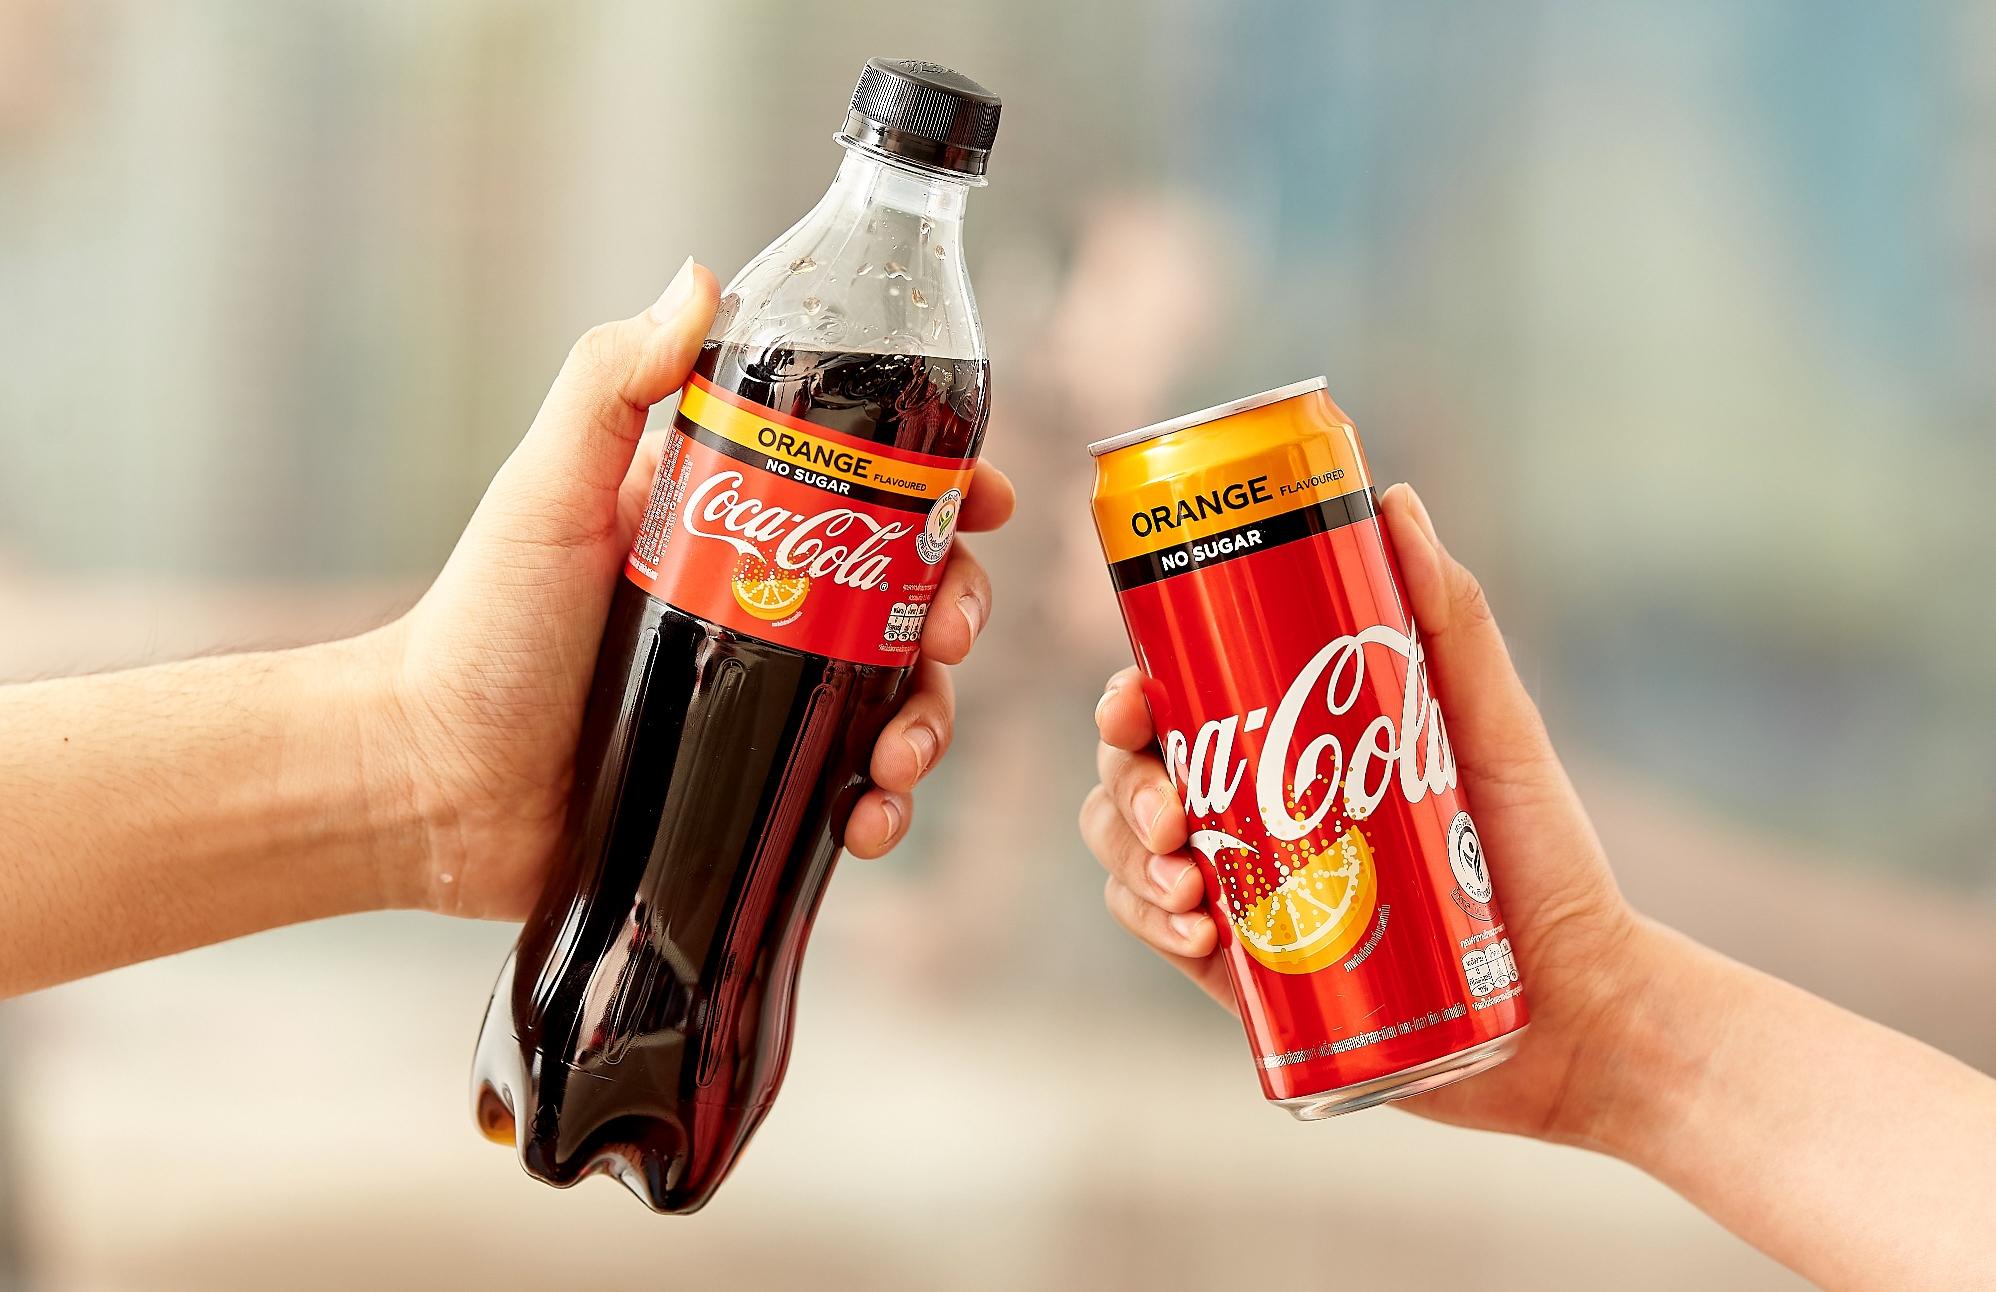 """""""โคคา-โคล่า"""" ตอกย้ำผู้นำตลาดน้ำอัดลมในประเทศไทย ส่ง """"โค้ก สูตรไม่มีน้ำตาล กลิ่นออร์เรนจ์"""" เซอร์ไพรซ์ """"ซ่า ซ่อน กลิ่นส้ม"""" เขย่าตลาดน้ำอัดลม ตอบรับเทรนด์รักสุขภาพ สำนักพิมพ์แม่บ้าน"""